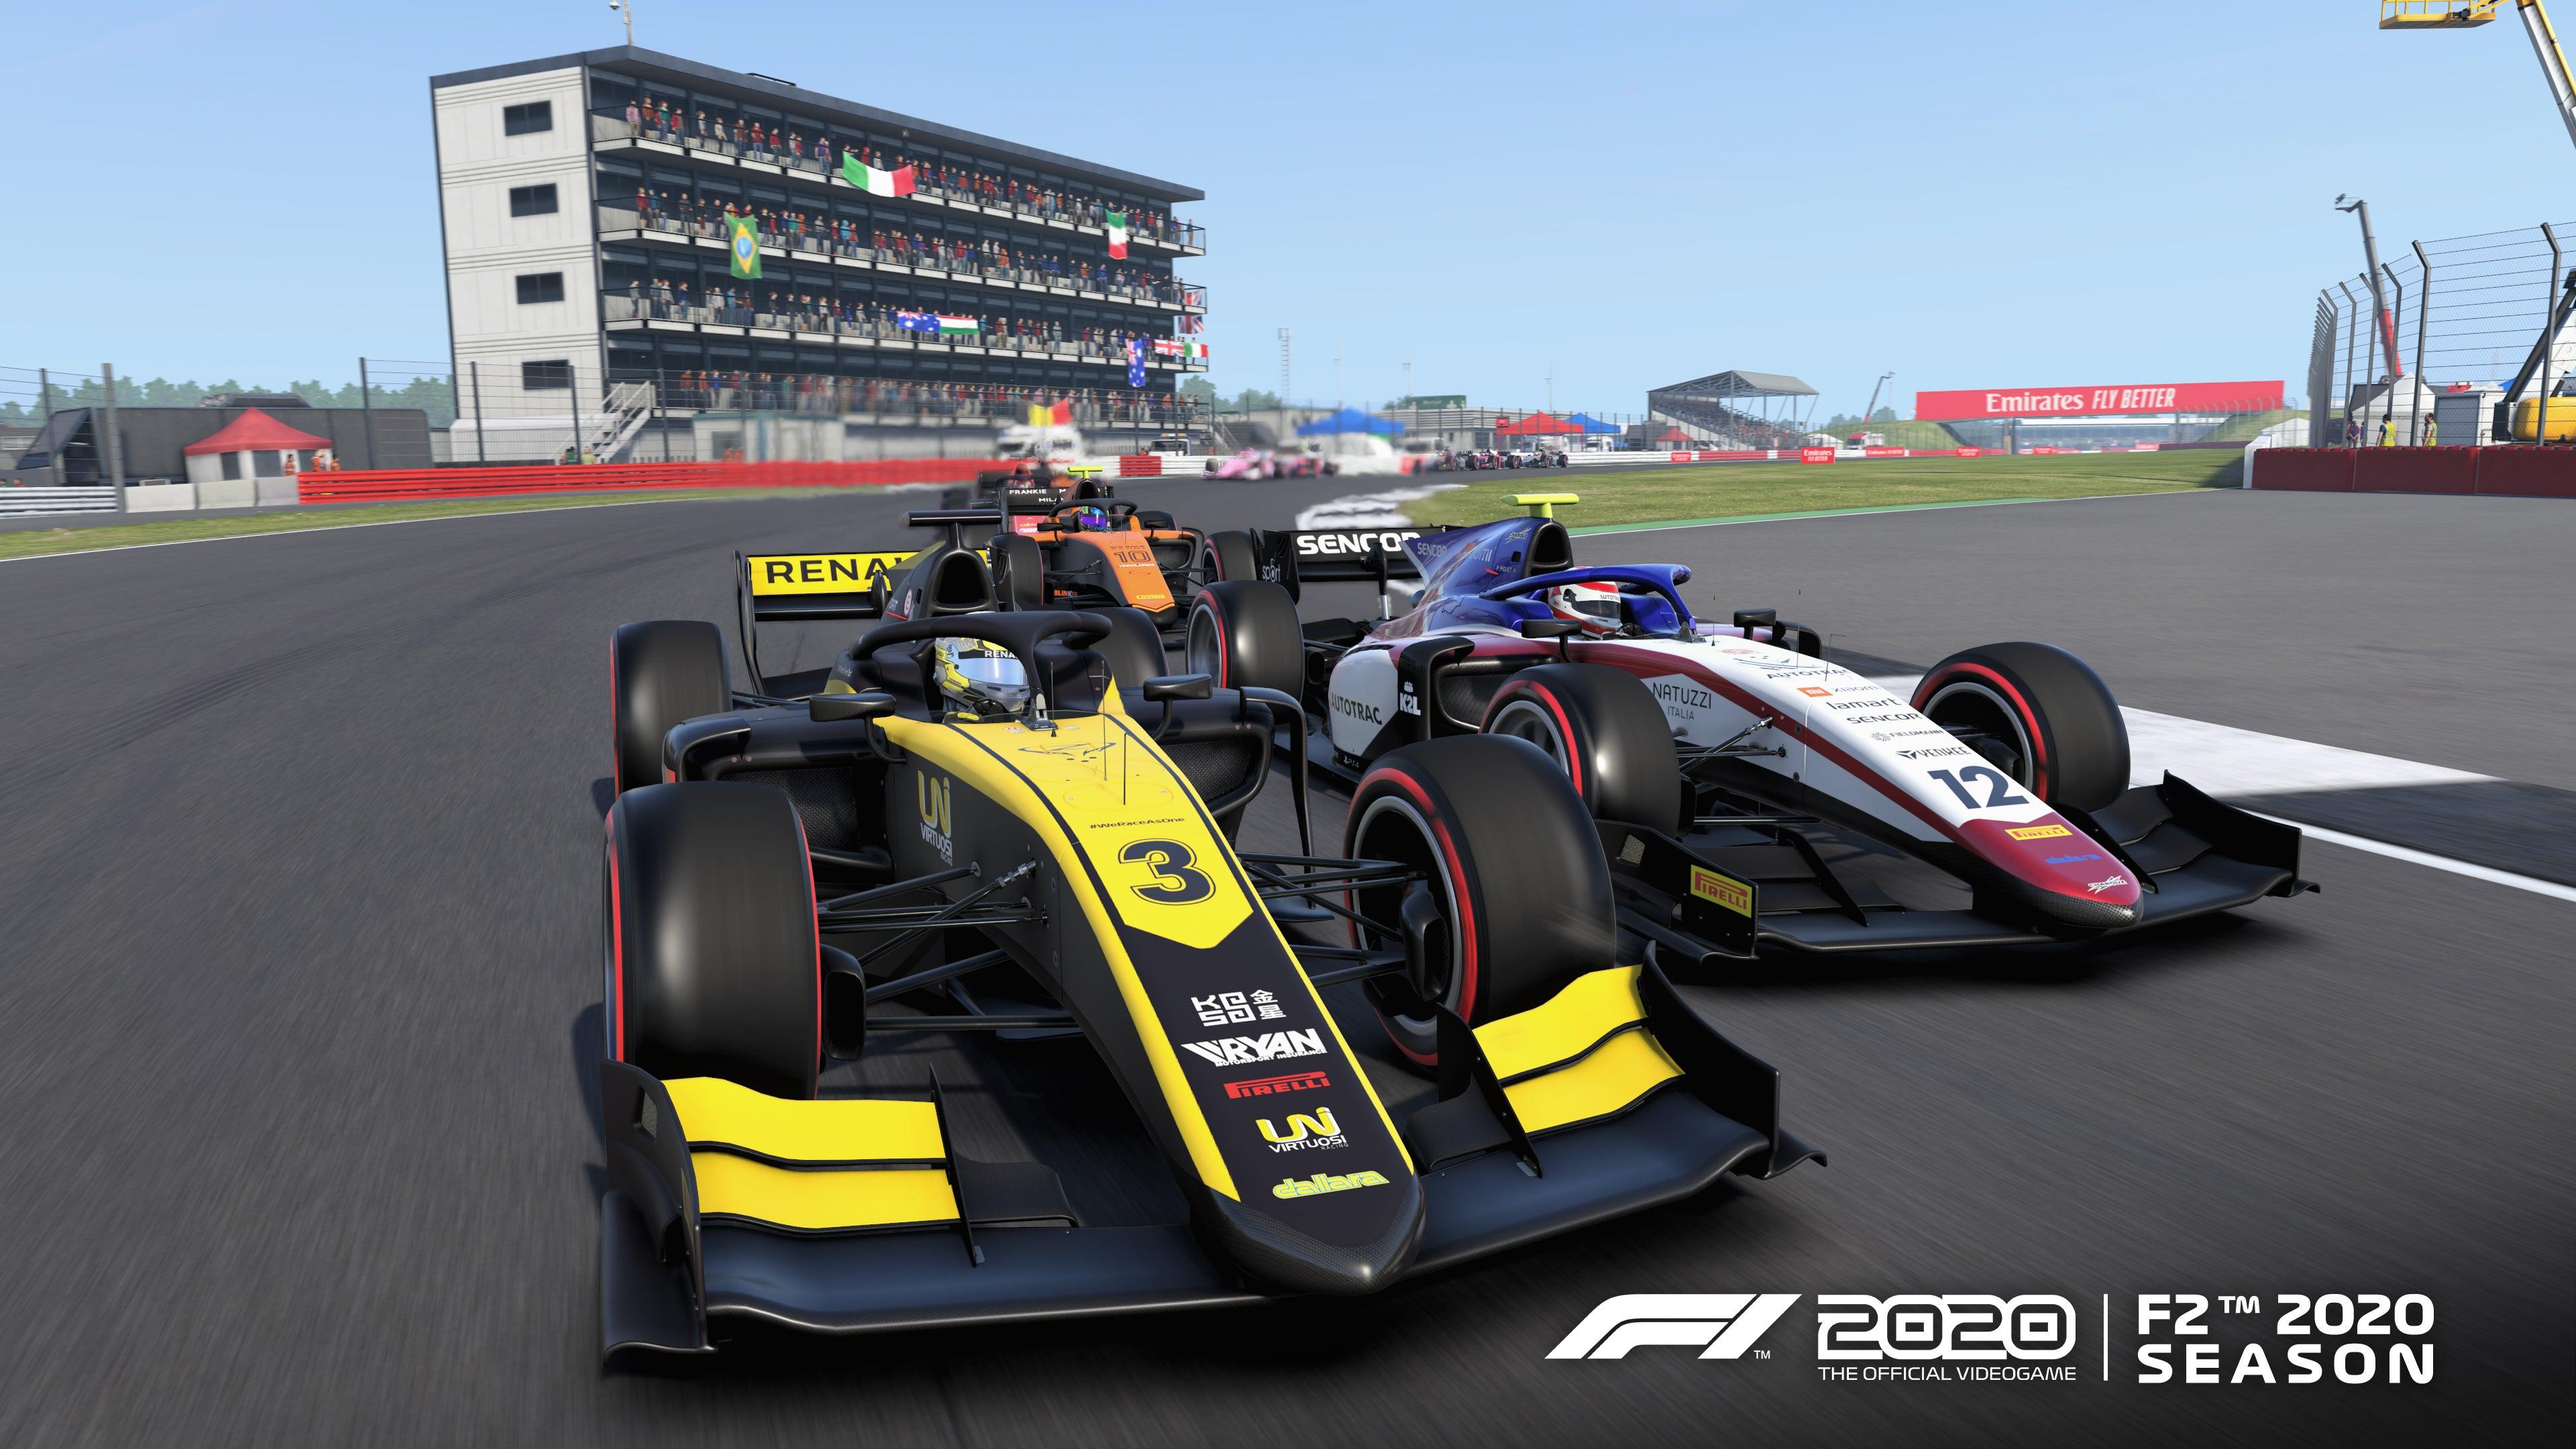 F2 2020 2.jpg